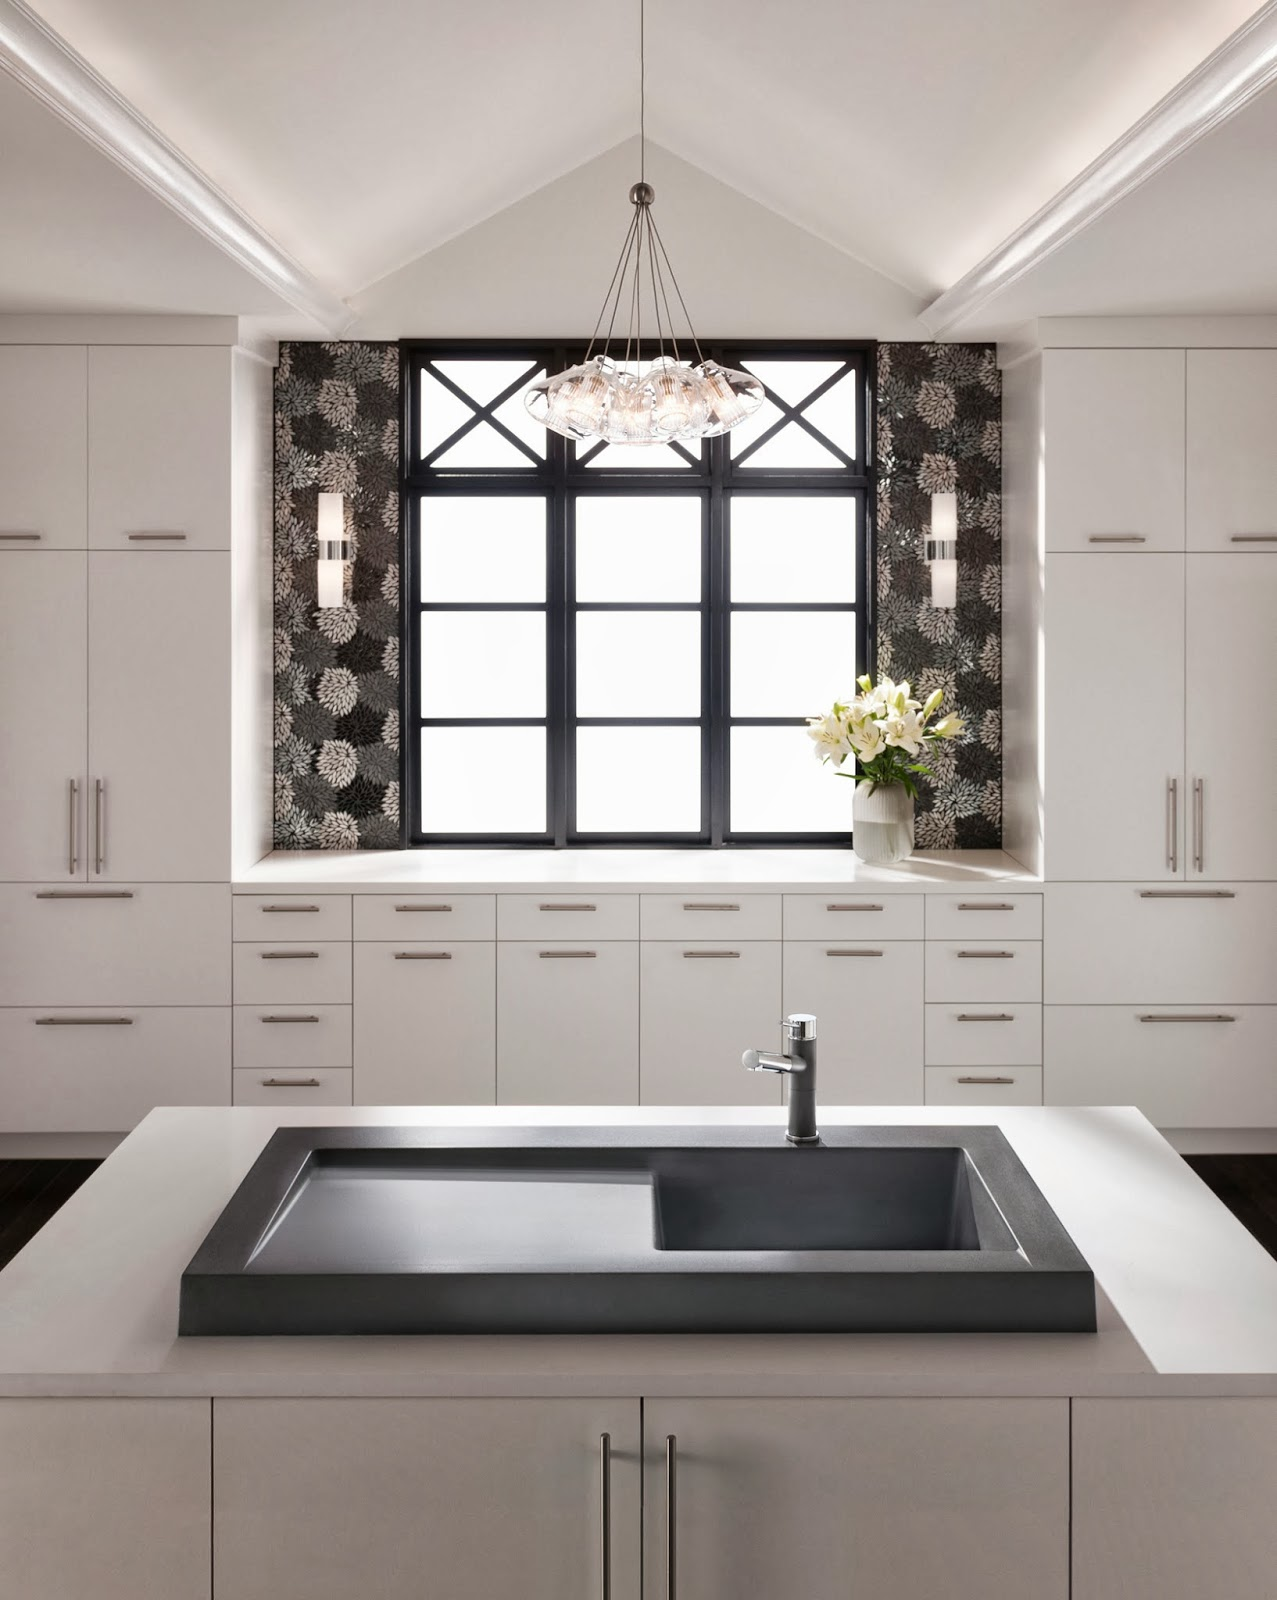 Average Kitchen Sink Size